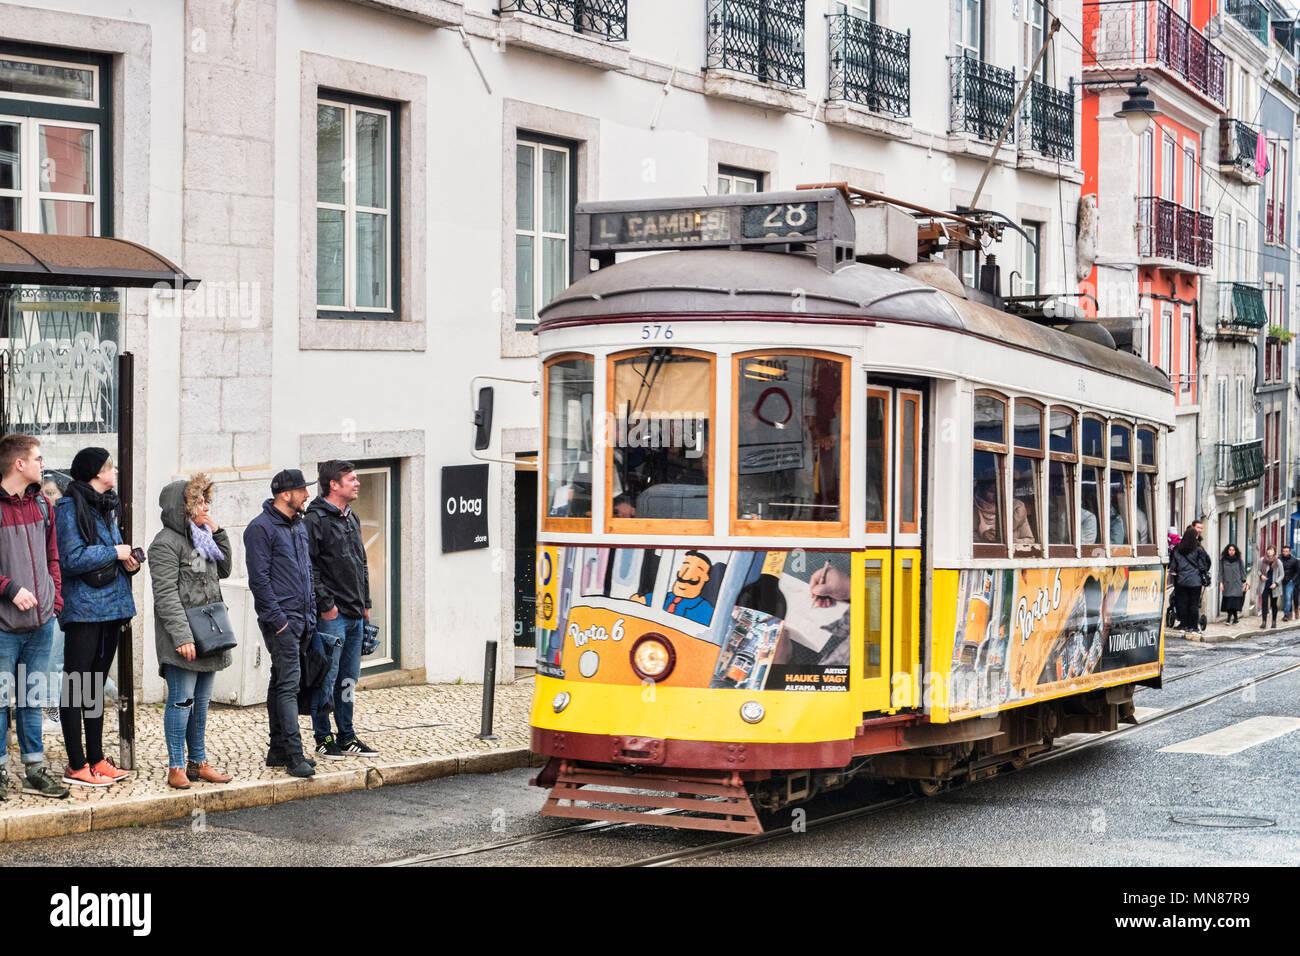 6 mars 2018: Lisbonne, Portugal - le célèbre tram 28 sur son itinéraire dans la ville centrale. Photo Stock